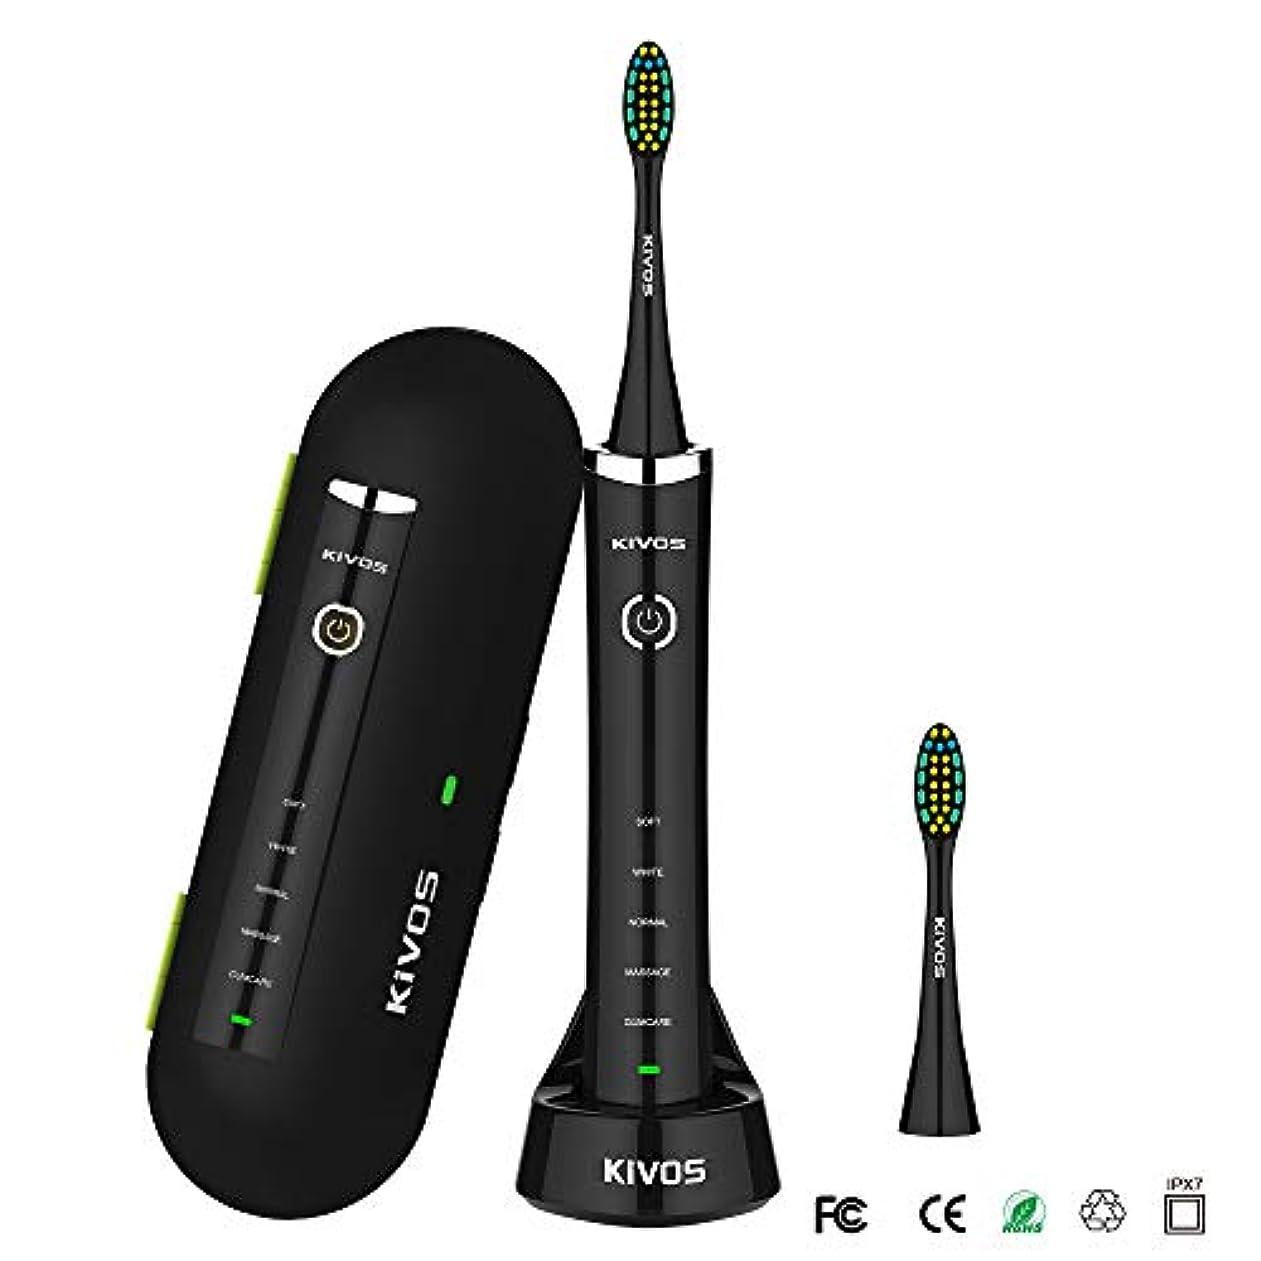 野心的眼脱走KIVOS 電動歯ブラシ音波歯ブラシ 無接点充電式 電動歯ぶらし歯ブラシ歯ブラシ収納ケース歯みがき 電動はぶらし IPX7防水 旅行出張に最適 ワイヤレス充電 (S8102(ブラック))